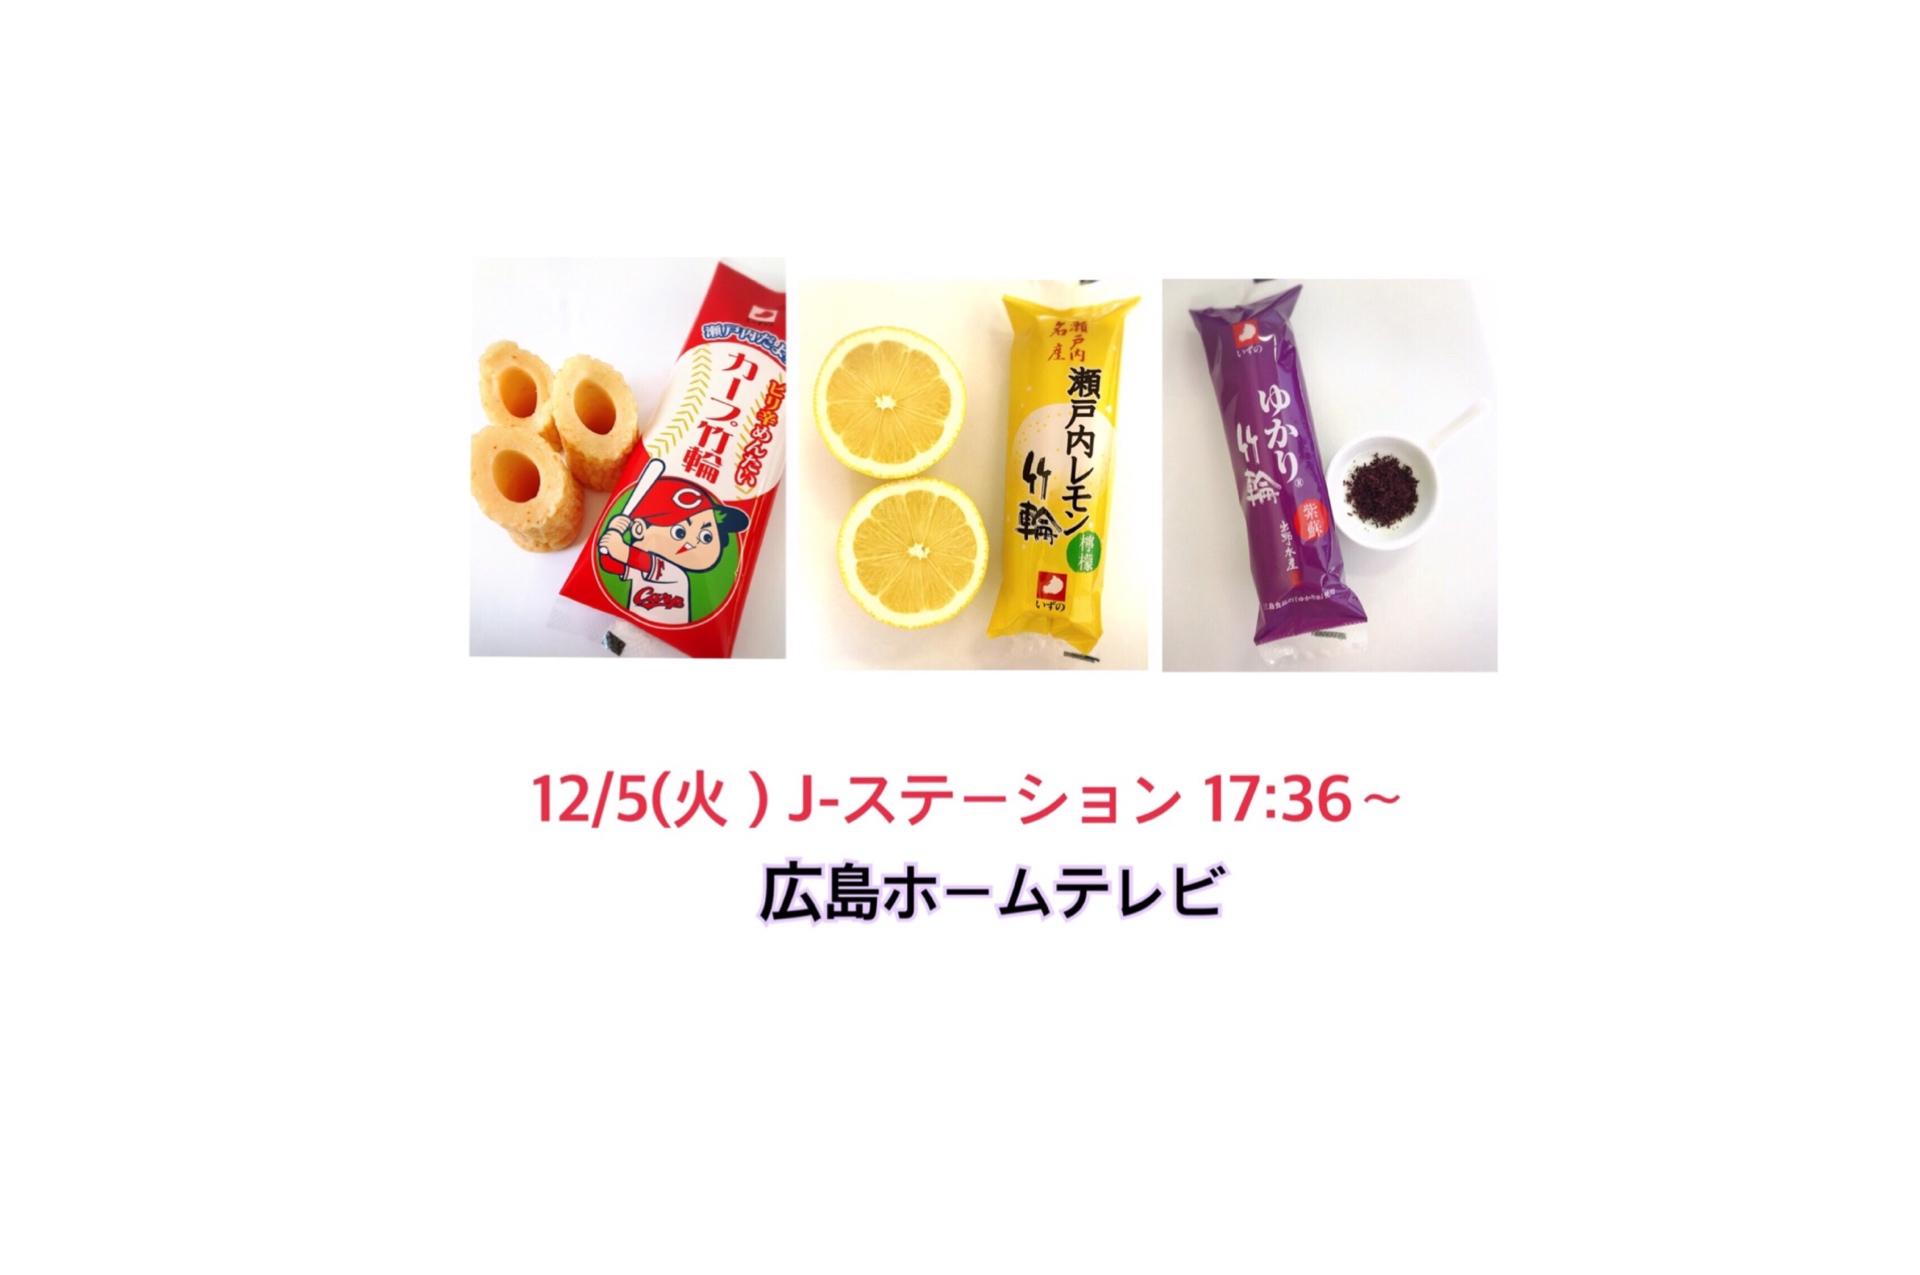 12/5放送予定 J-ステーションに商品紹介